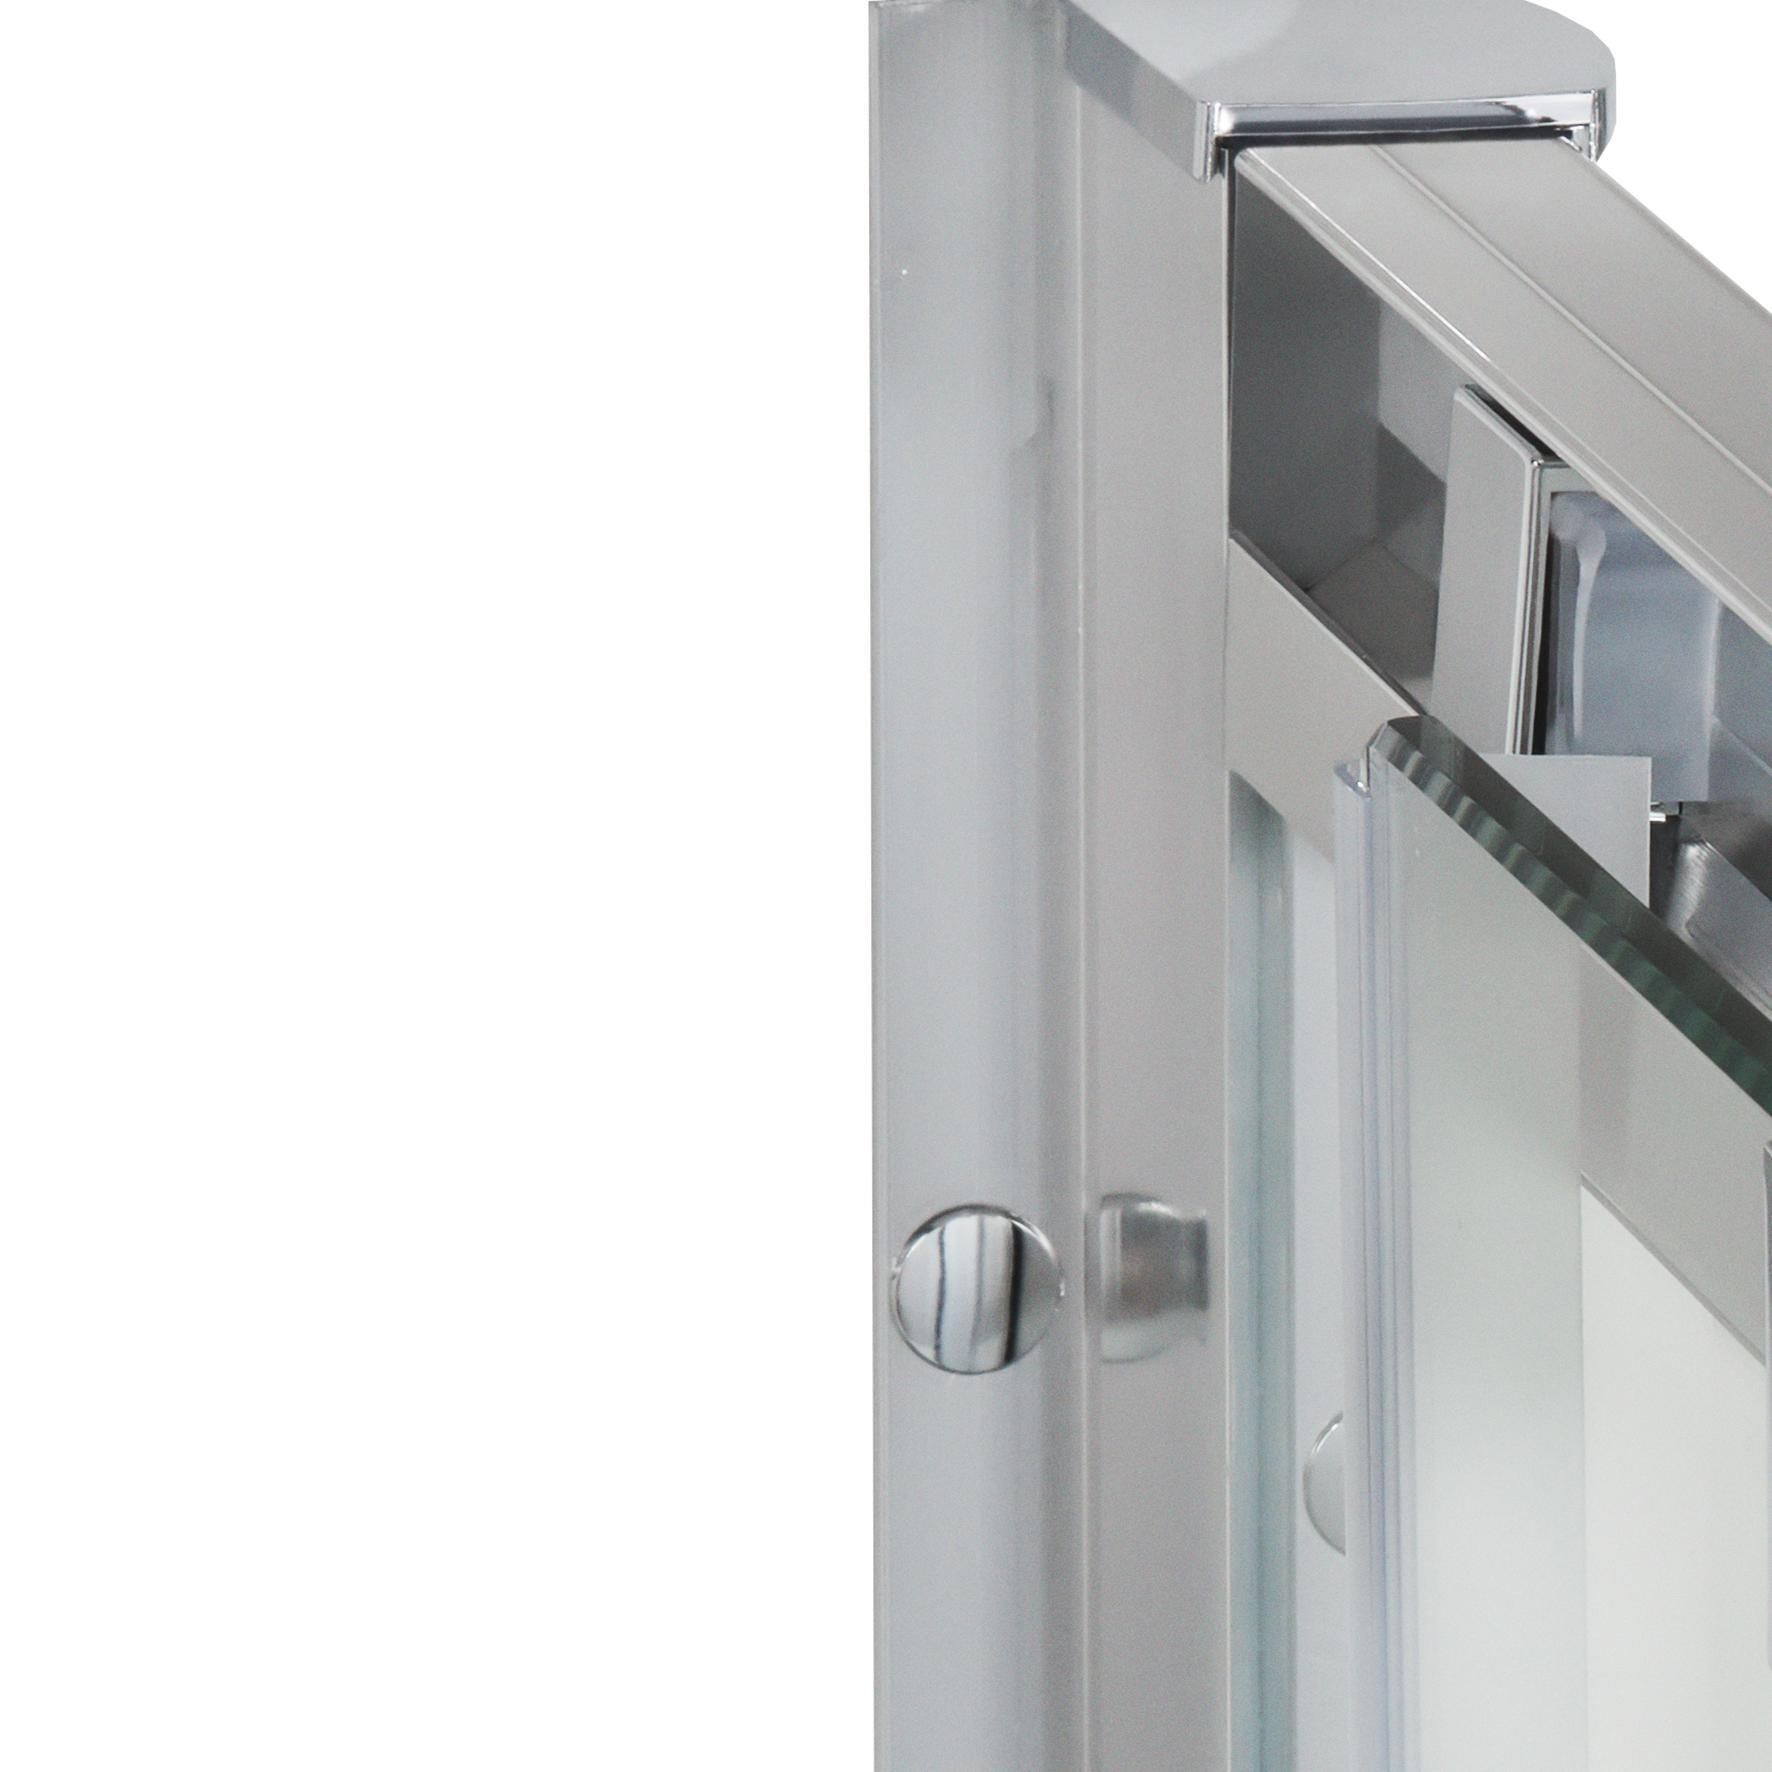 Box doccia quadrato scorrevole Quad 80 x 100 cm, H 190 cm in vetro temprato, spessore 6 mm trasparente argento - 6